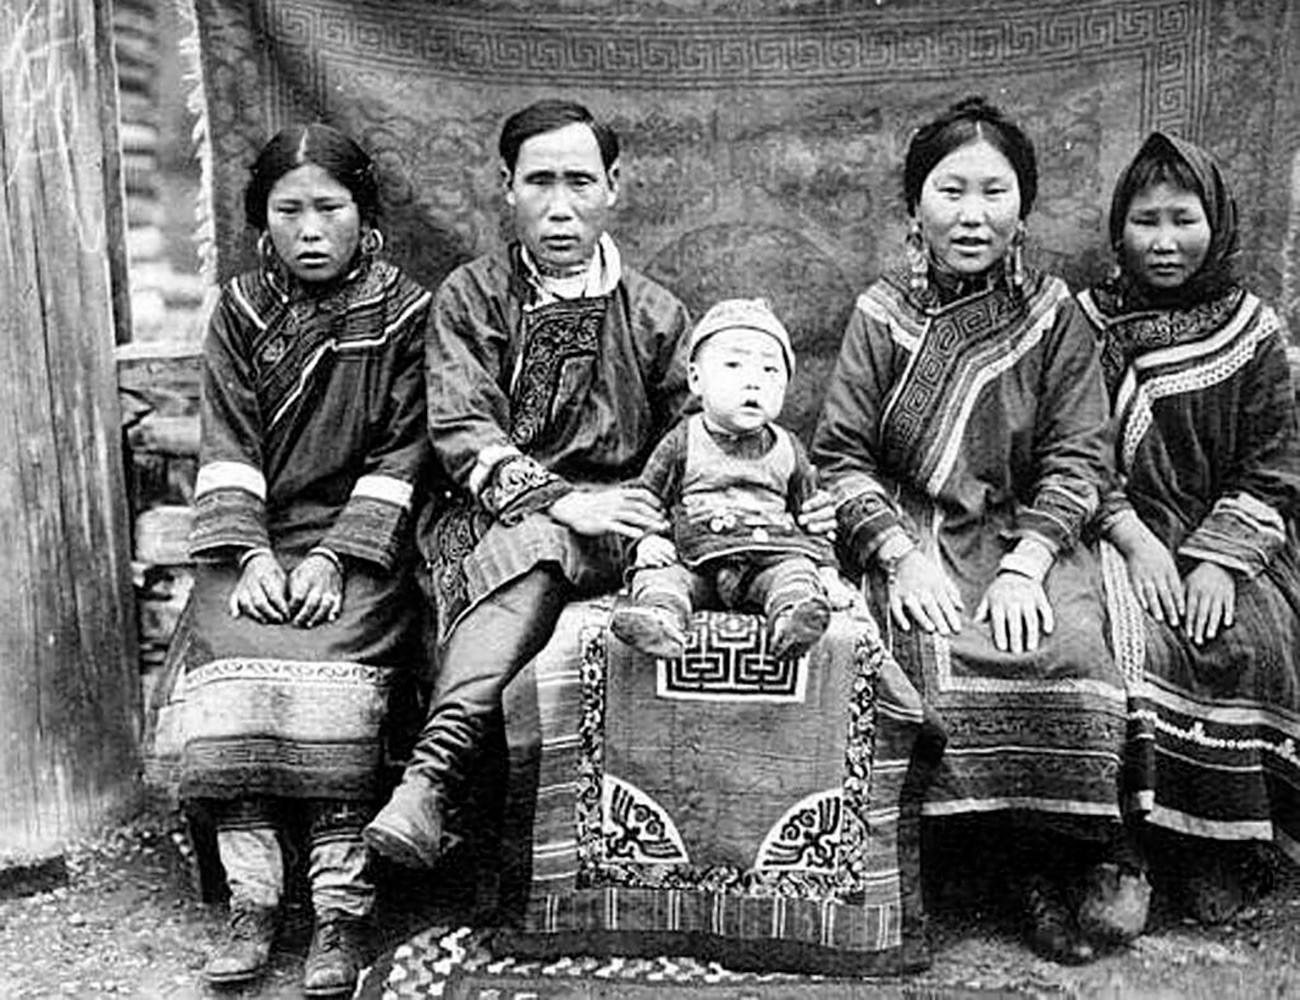 Голдска (нанајска) породица у народној ношњи. Басен реке Амур, Русија.